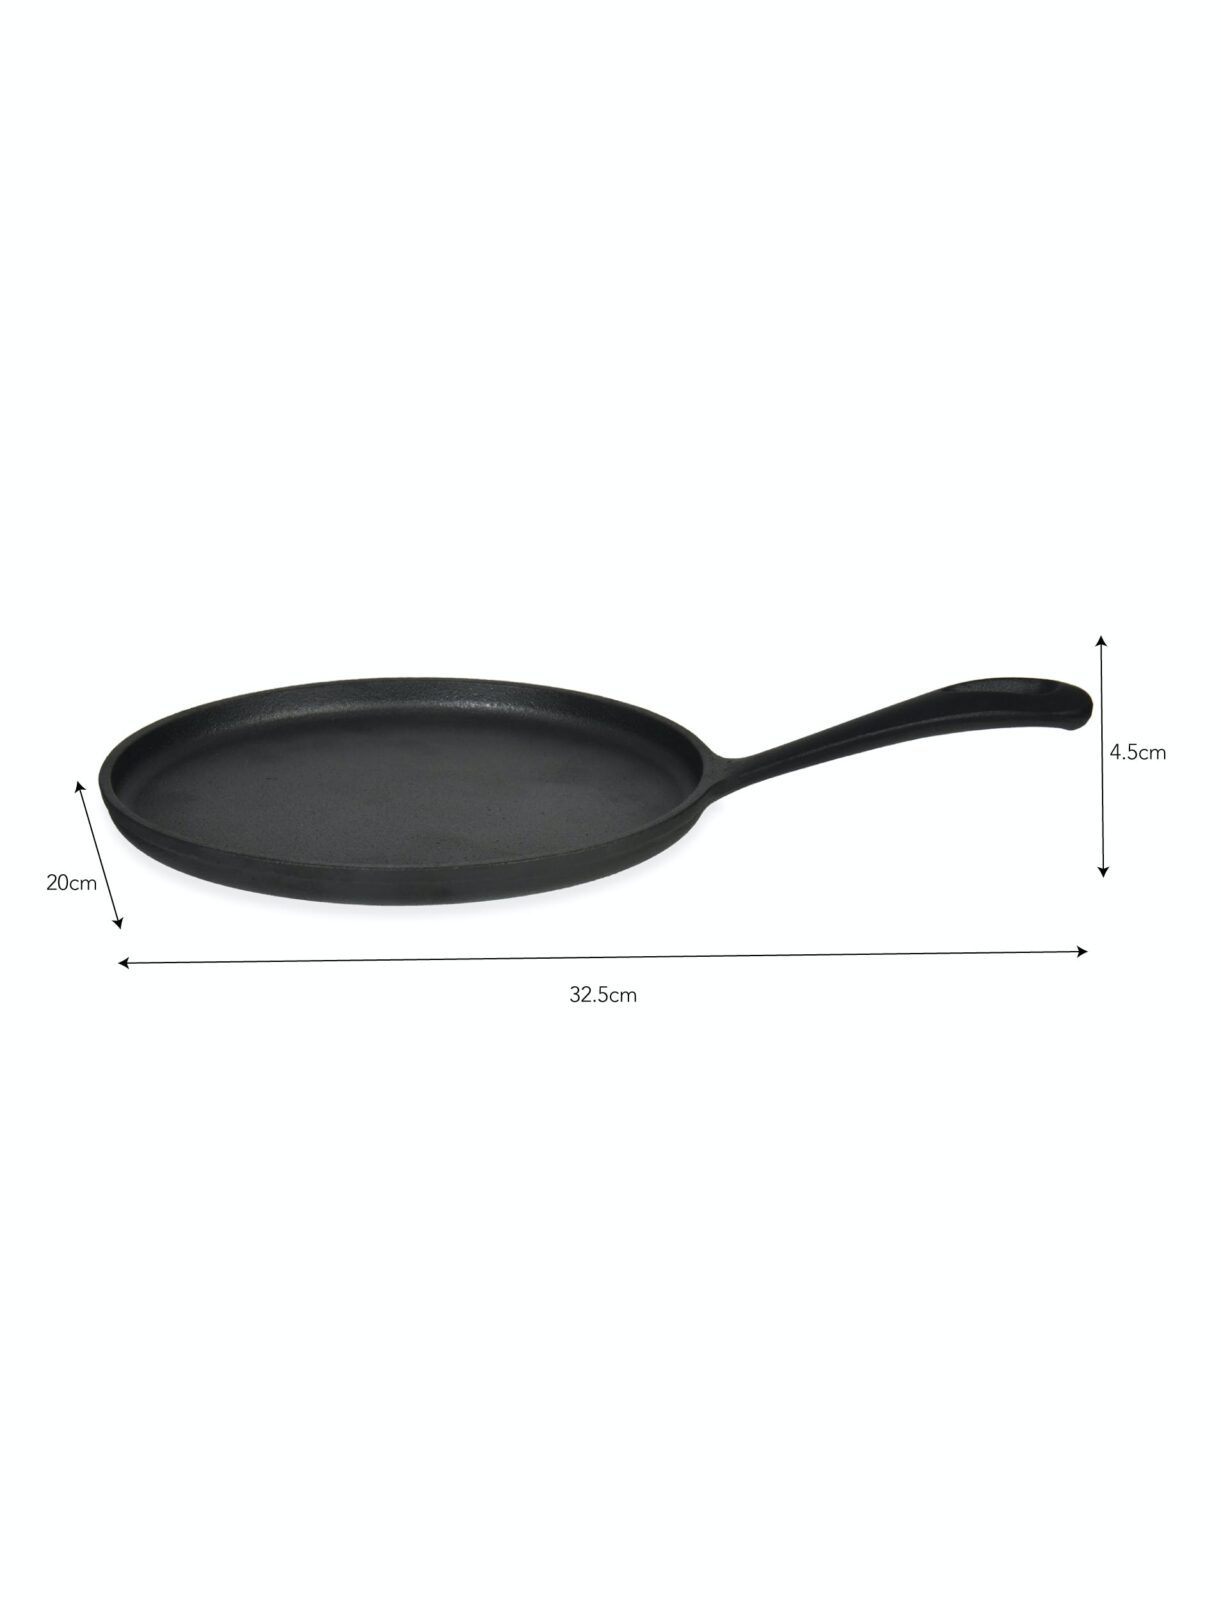 Coalbrook Crepe Pan Cast Iron